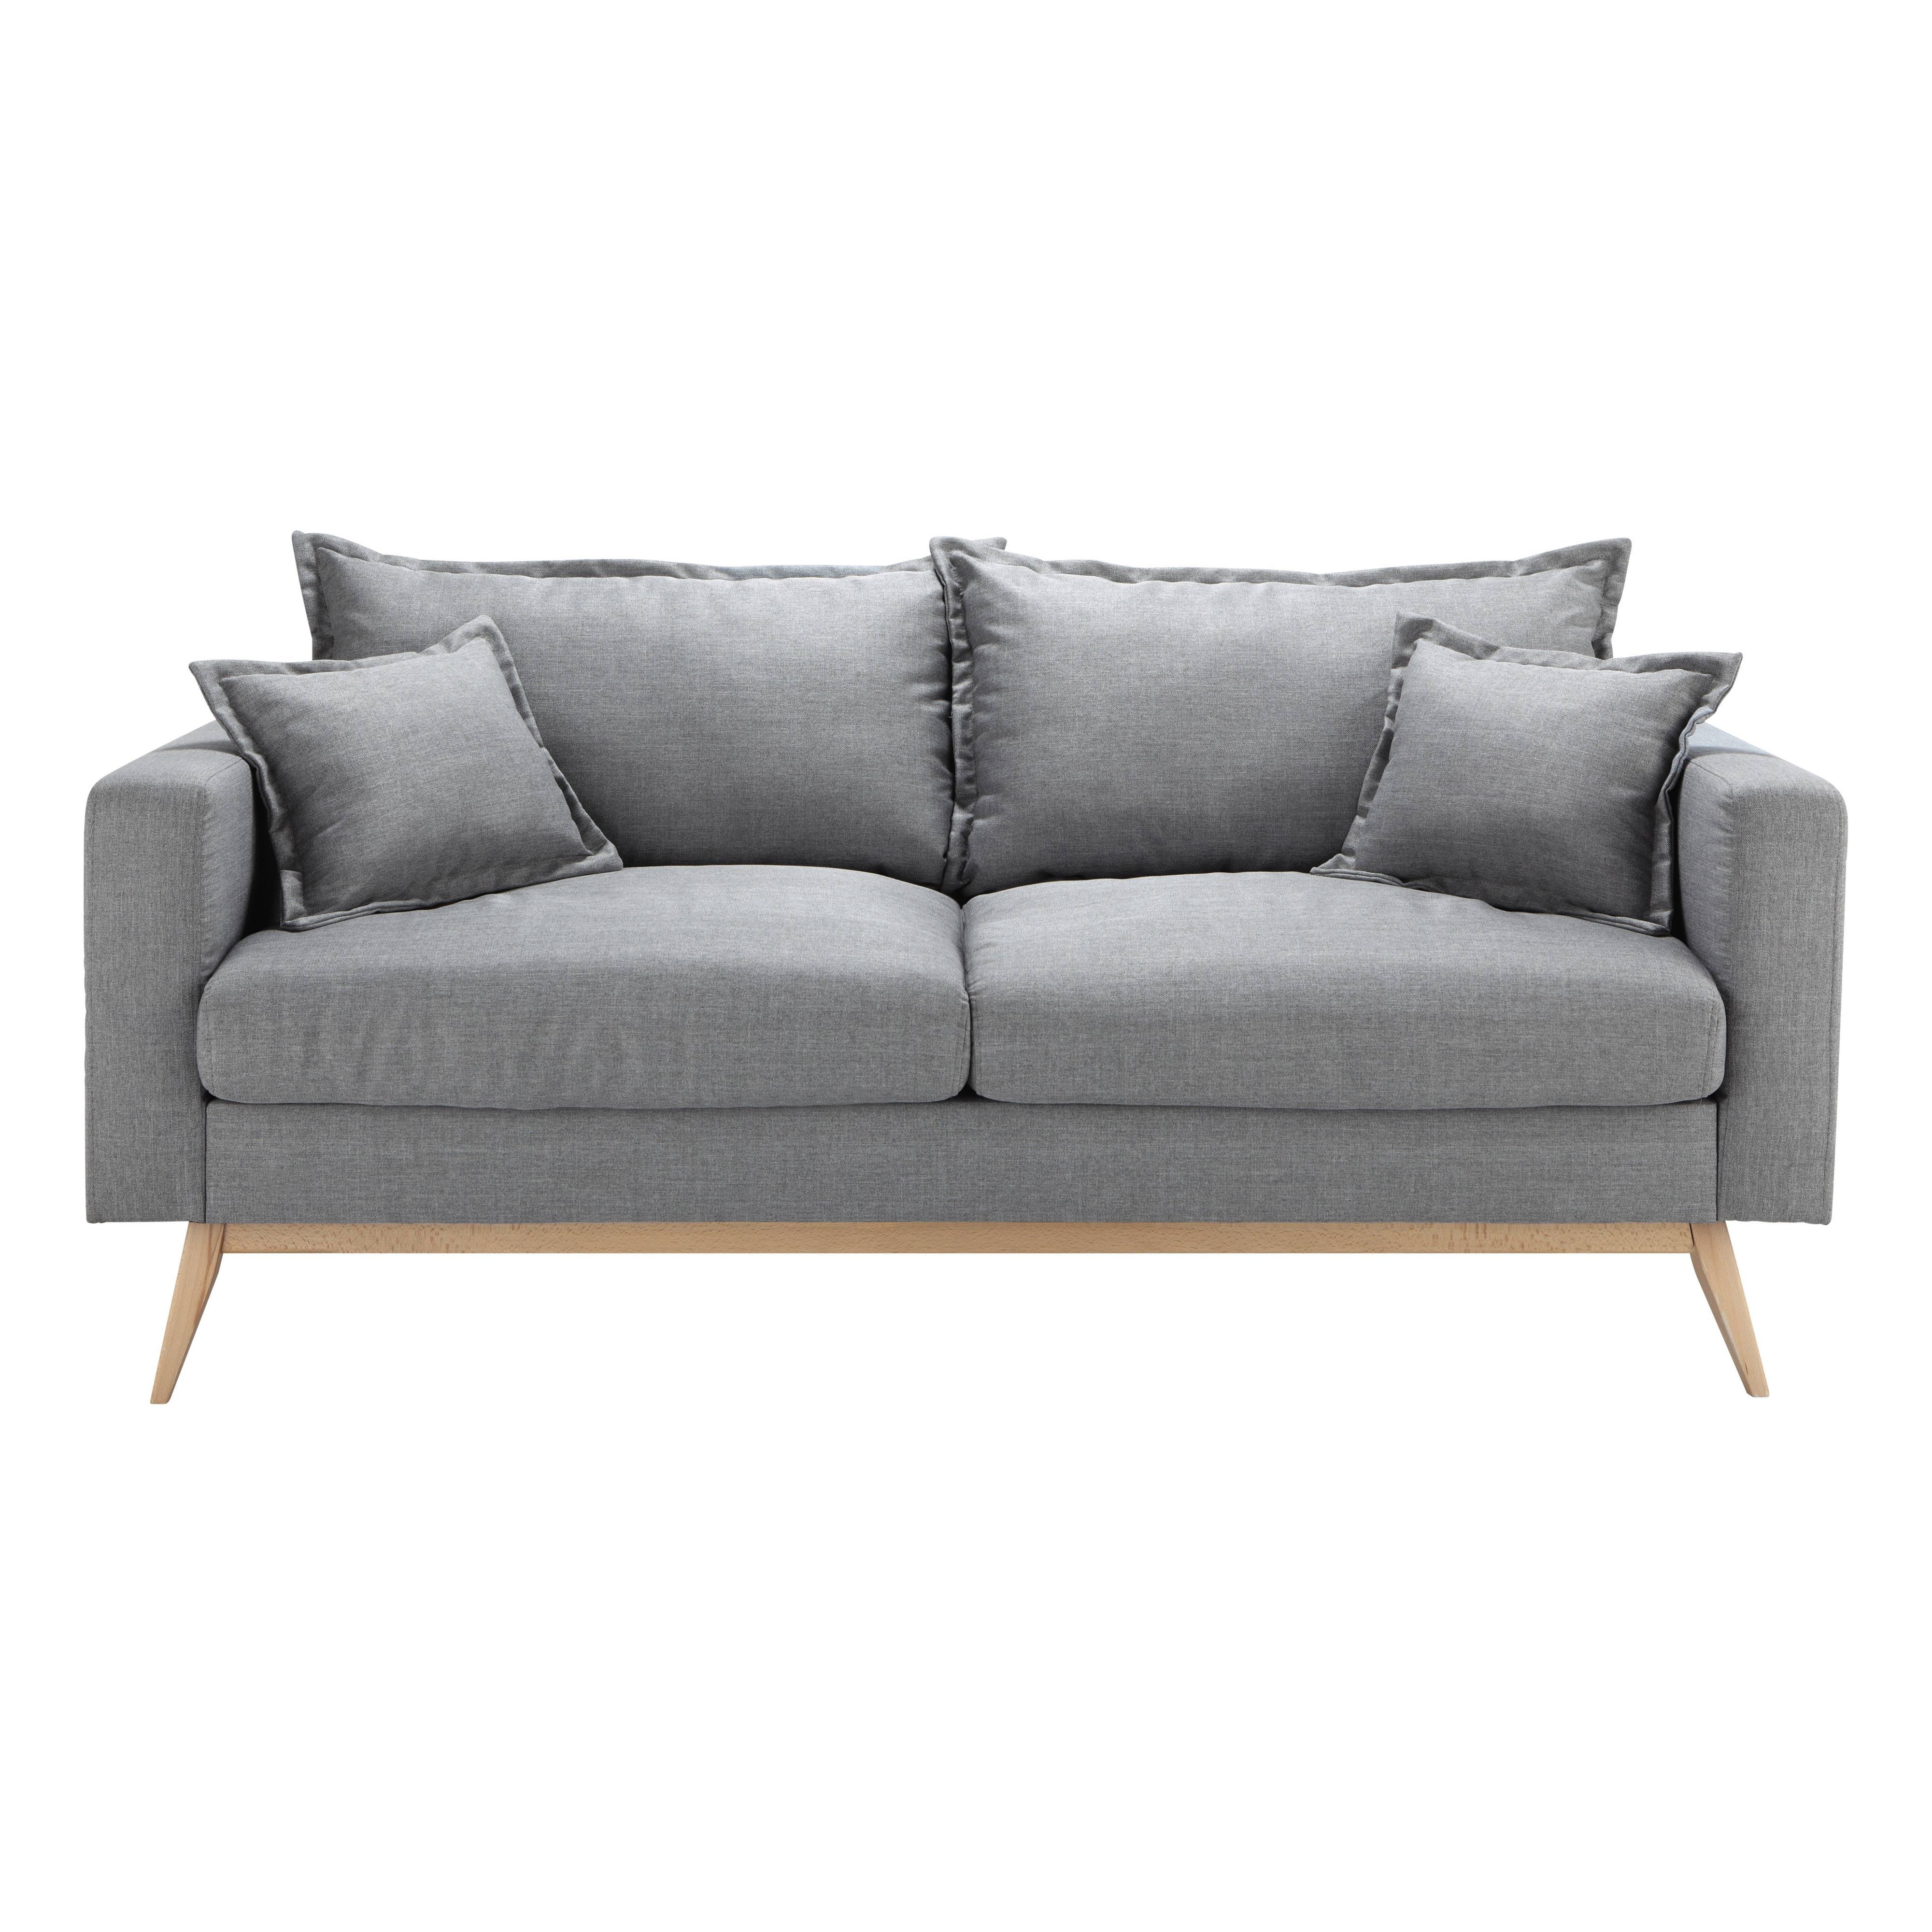 canap terence maison du monde avis id e pour cuisine. Black Bedroom Furniture Sets. Home Design Ideas